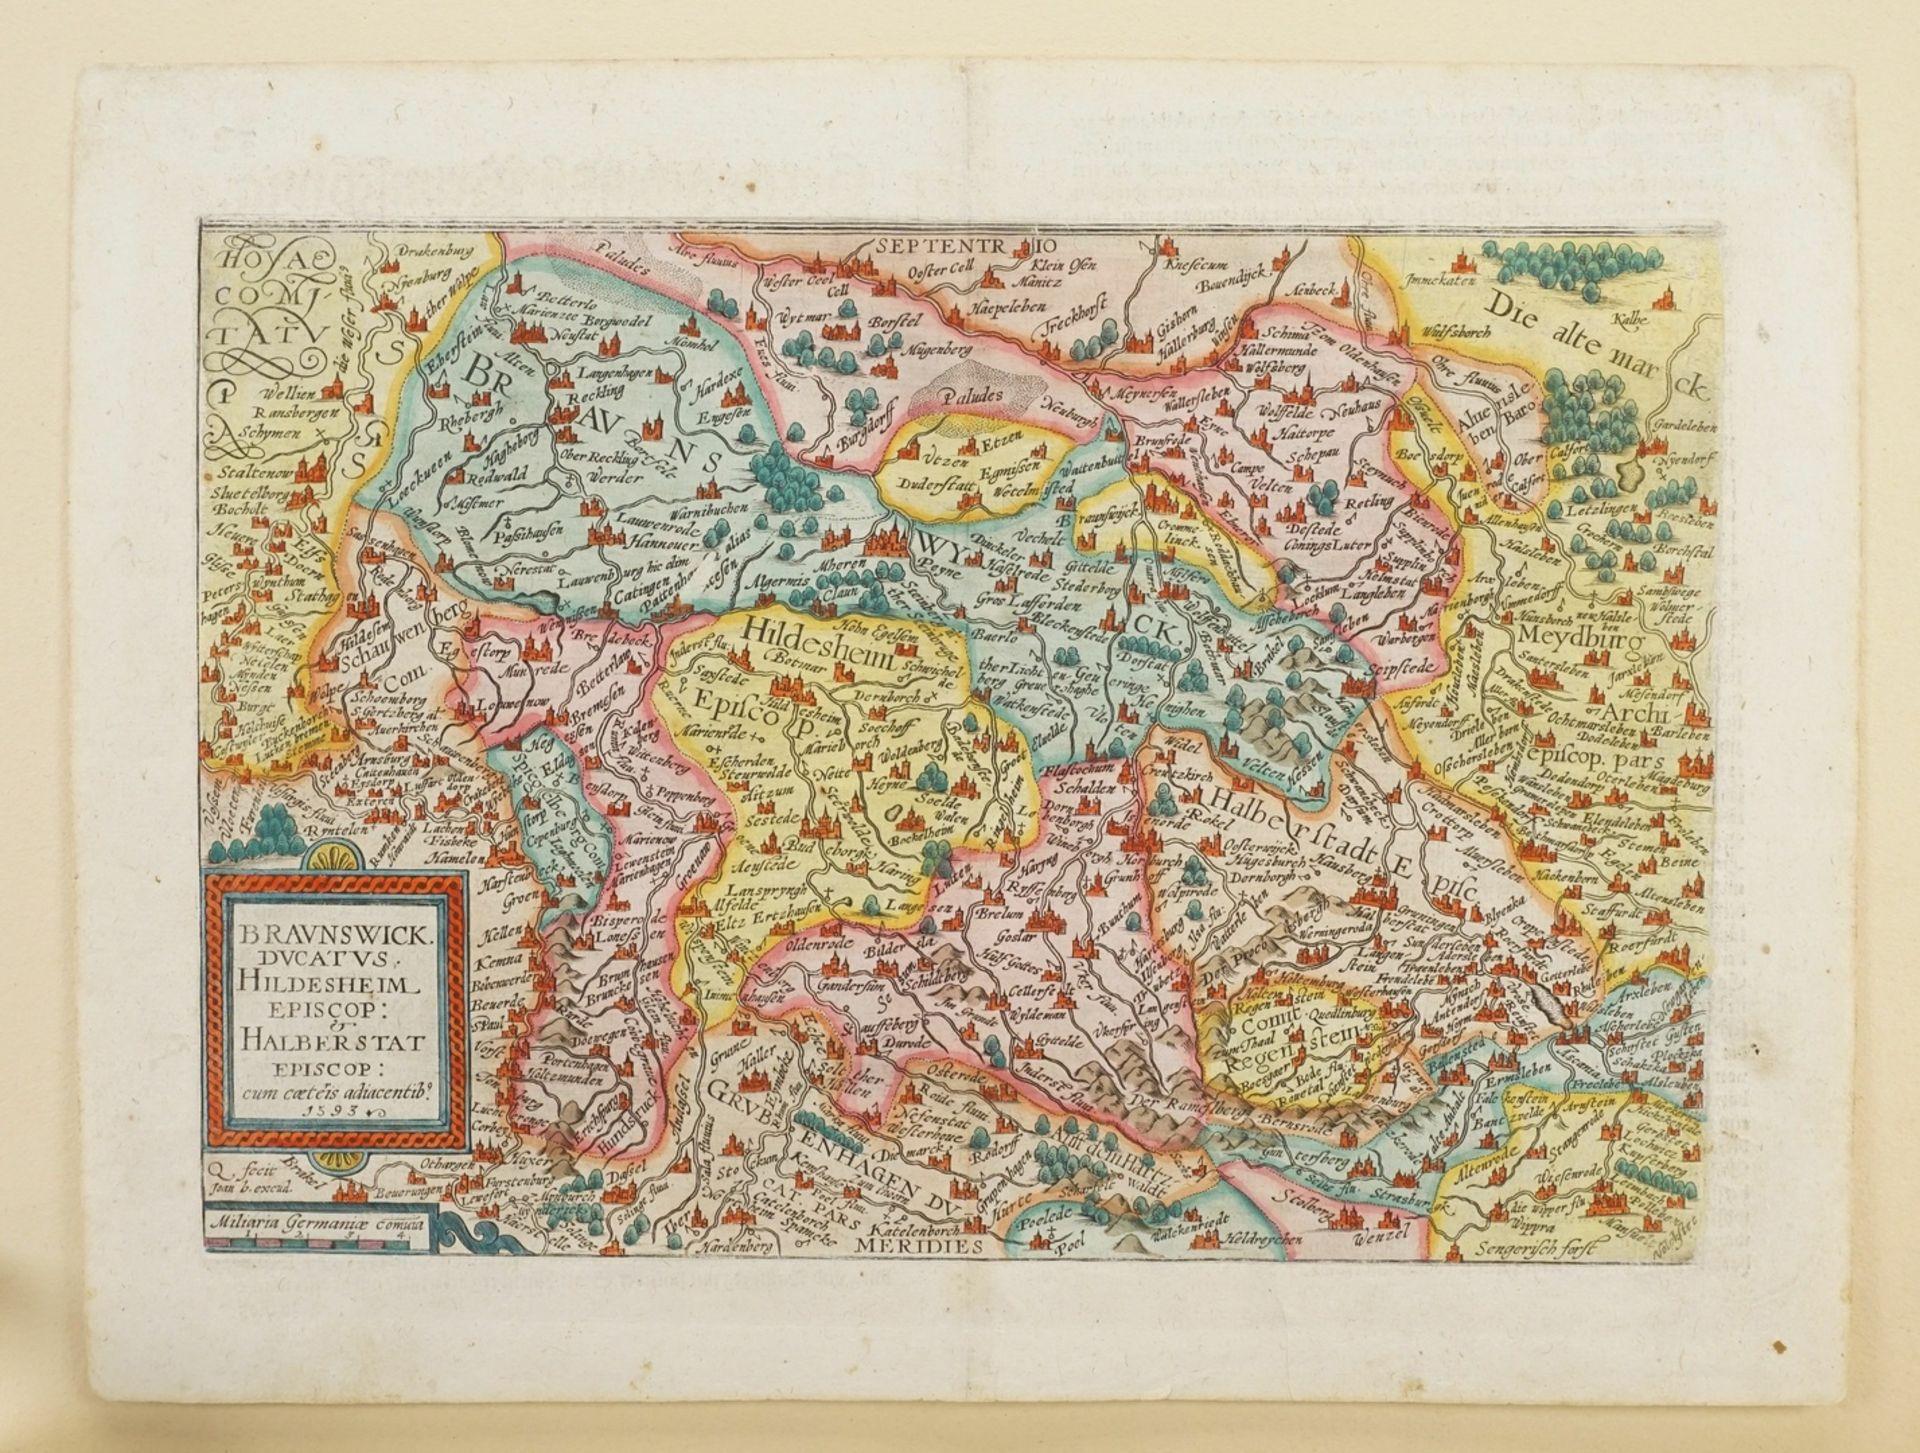 """Mat(t)hias Quad, """"Braunswick Ducatus. Hildeheim Episop: & Halberstat Episcop:"""" (Landkarte des ... - Bild 3 aus 4"""